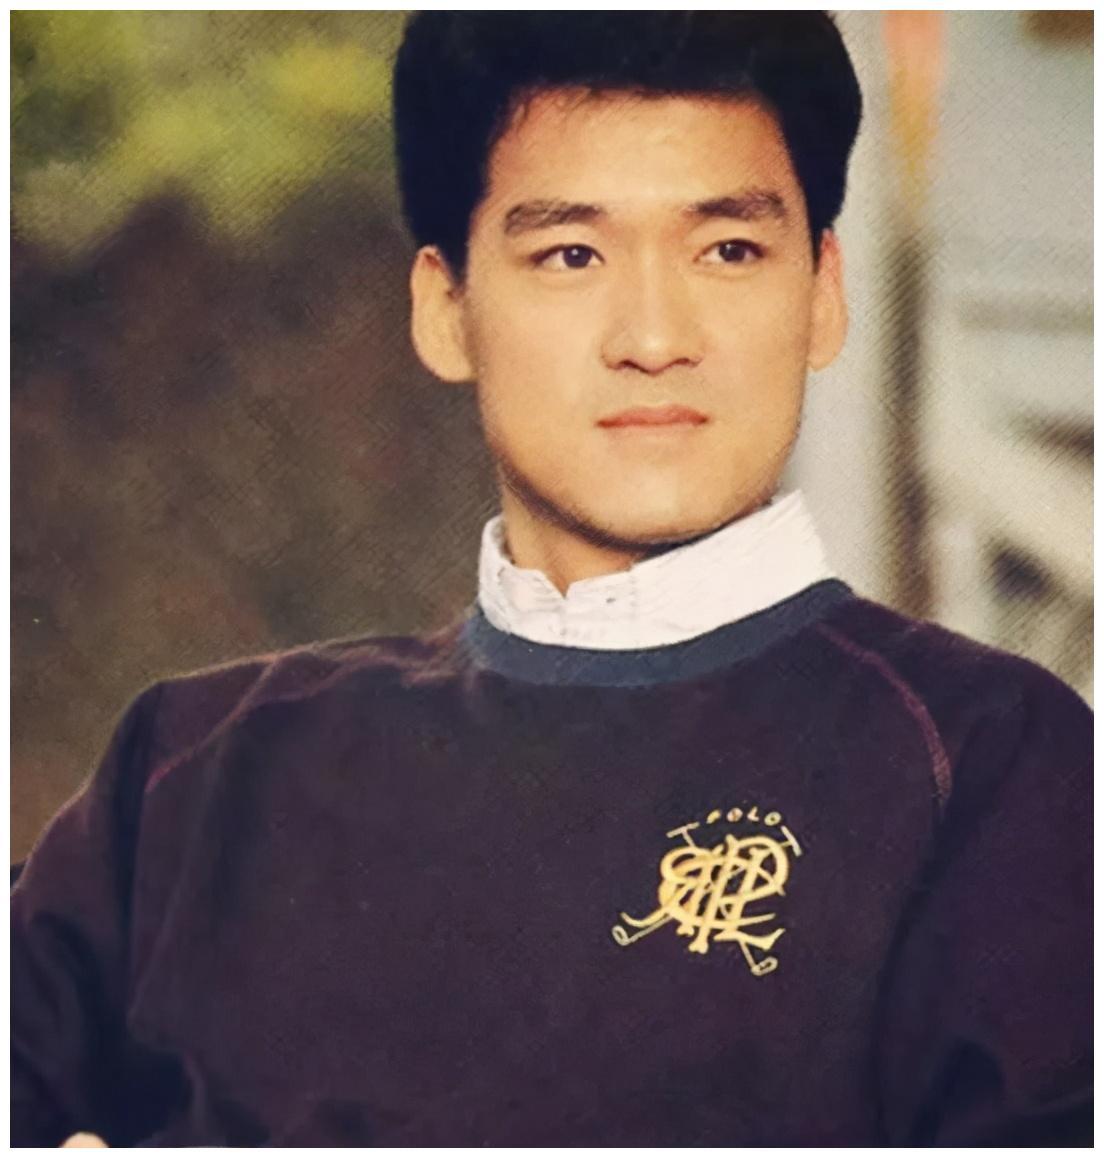 周华健被陌生人带走祝寿,李春波演唱会万人对歌,以前歌迷多劲爆